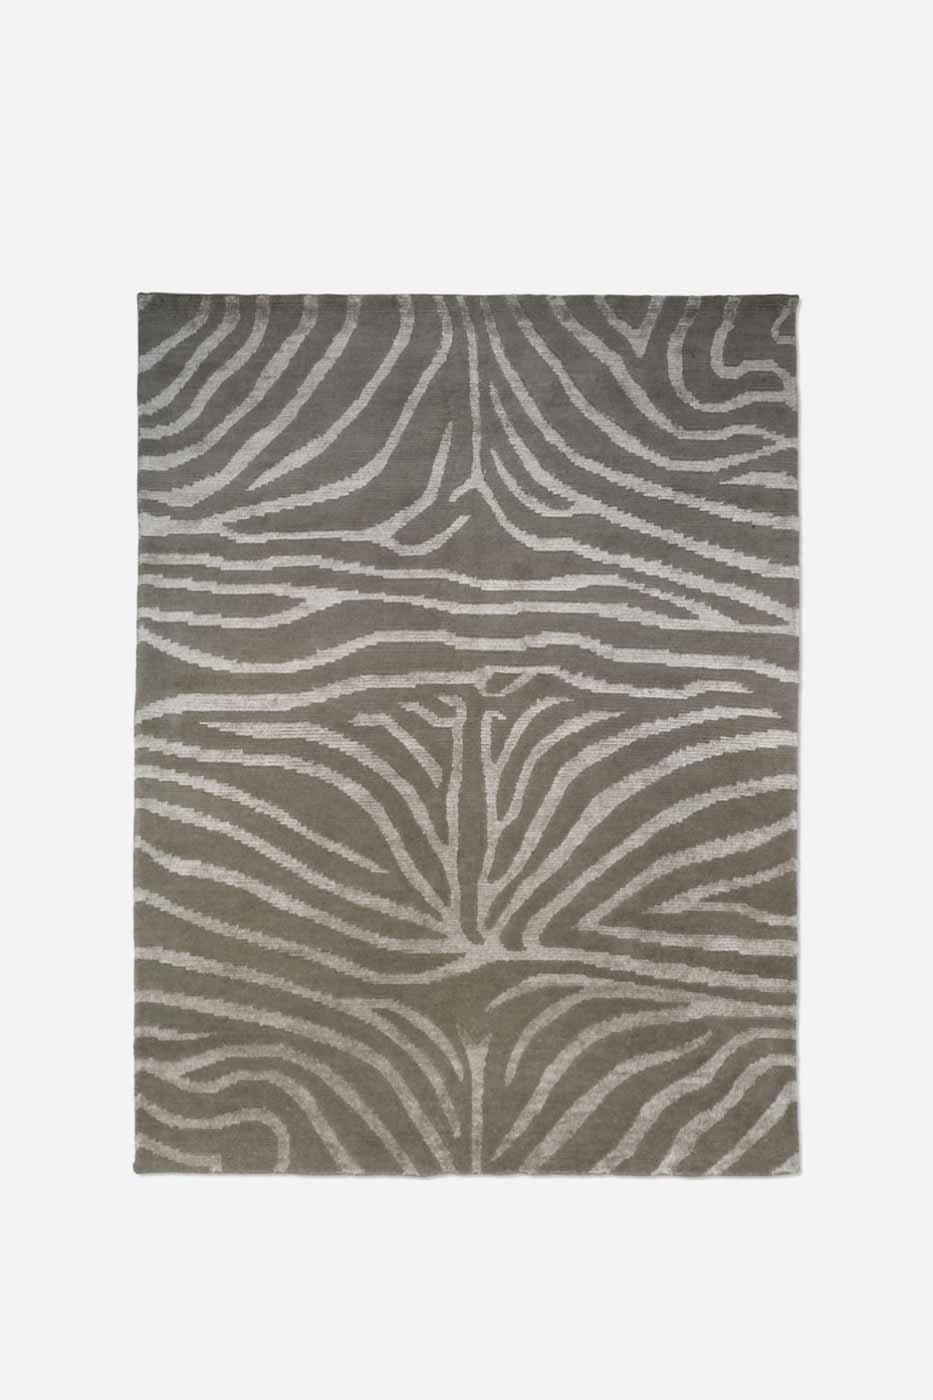 Matta Zebra 170x230cm Greige linen